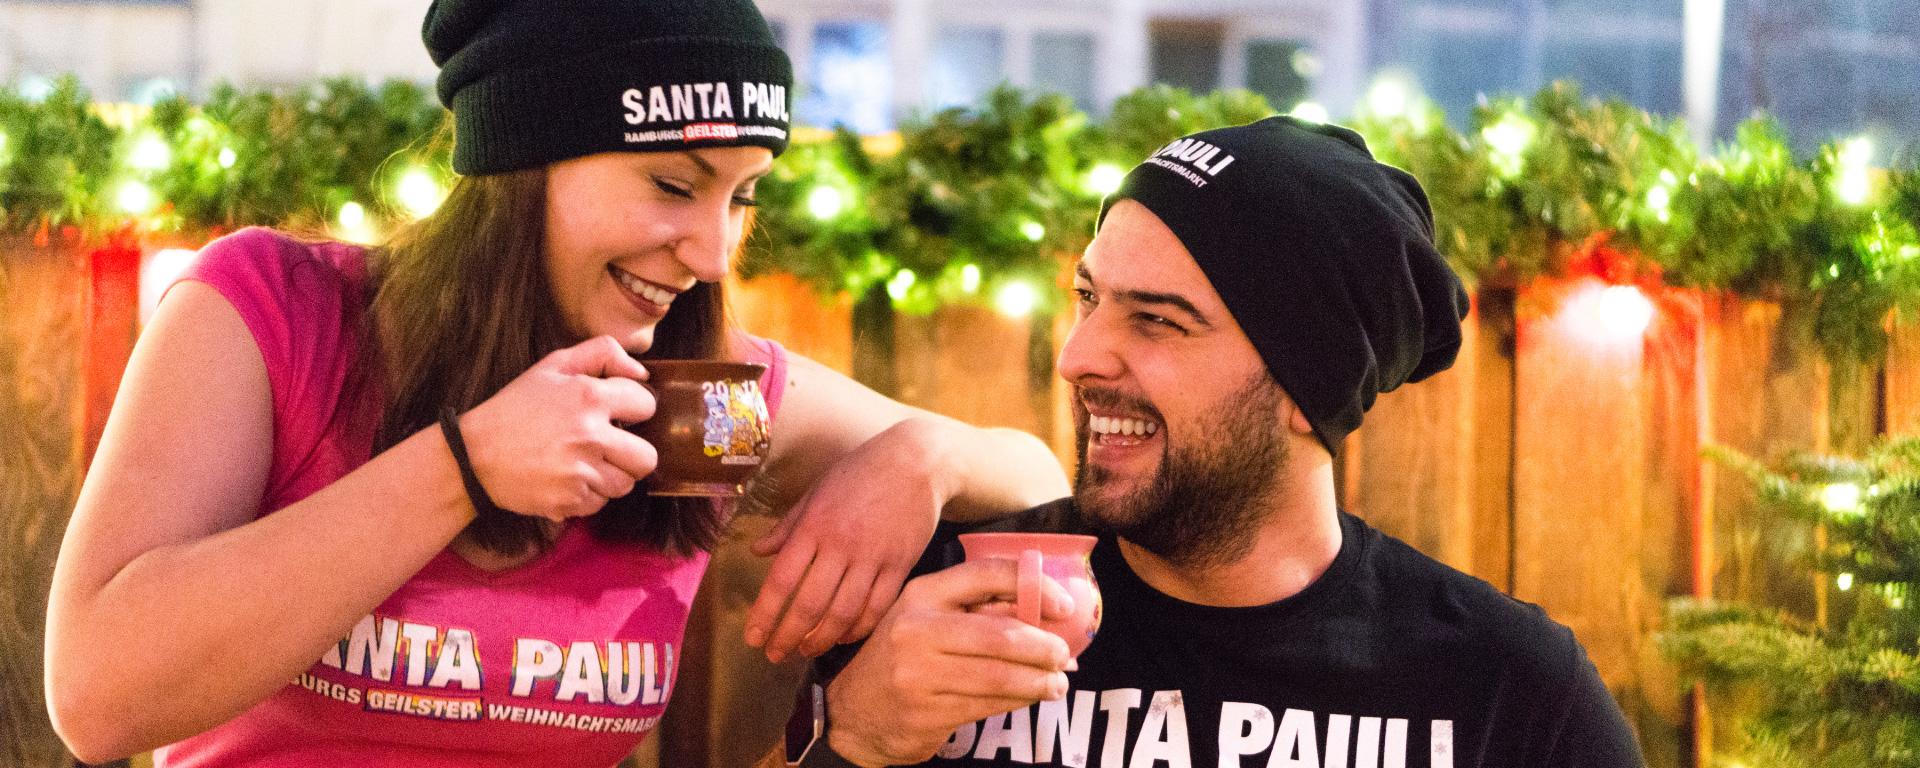 SANTA PAULI T-Shirt Kollektion 2017